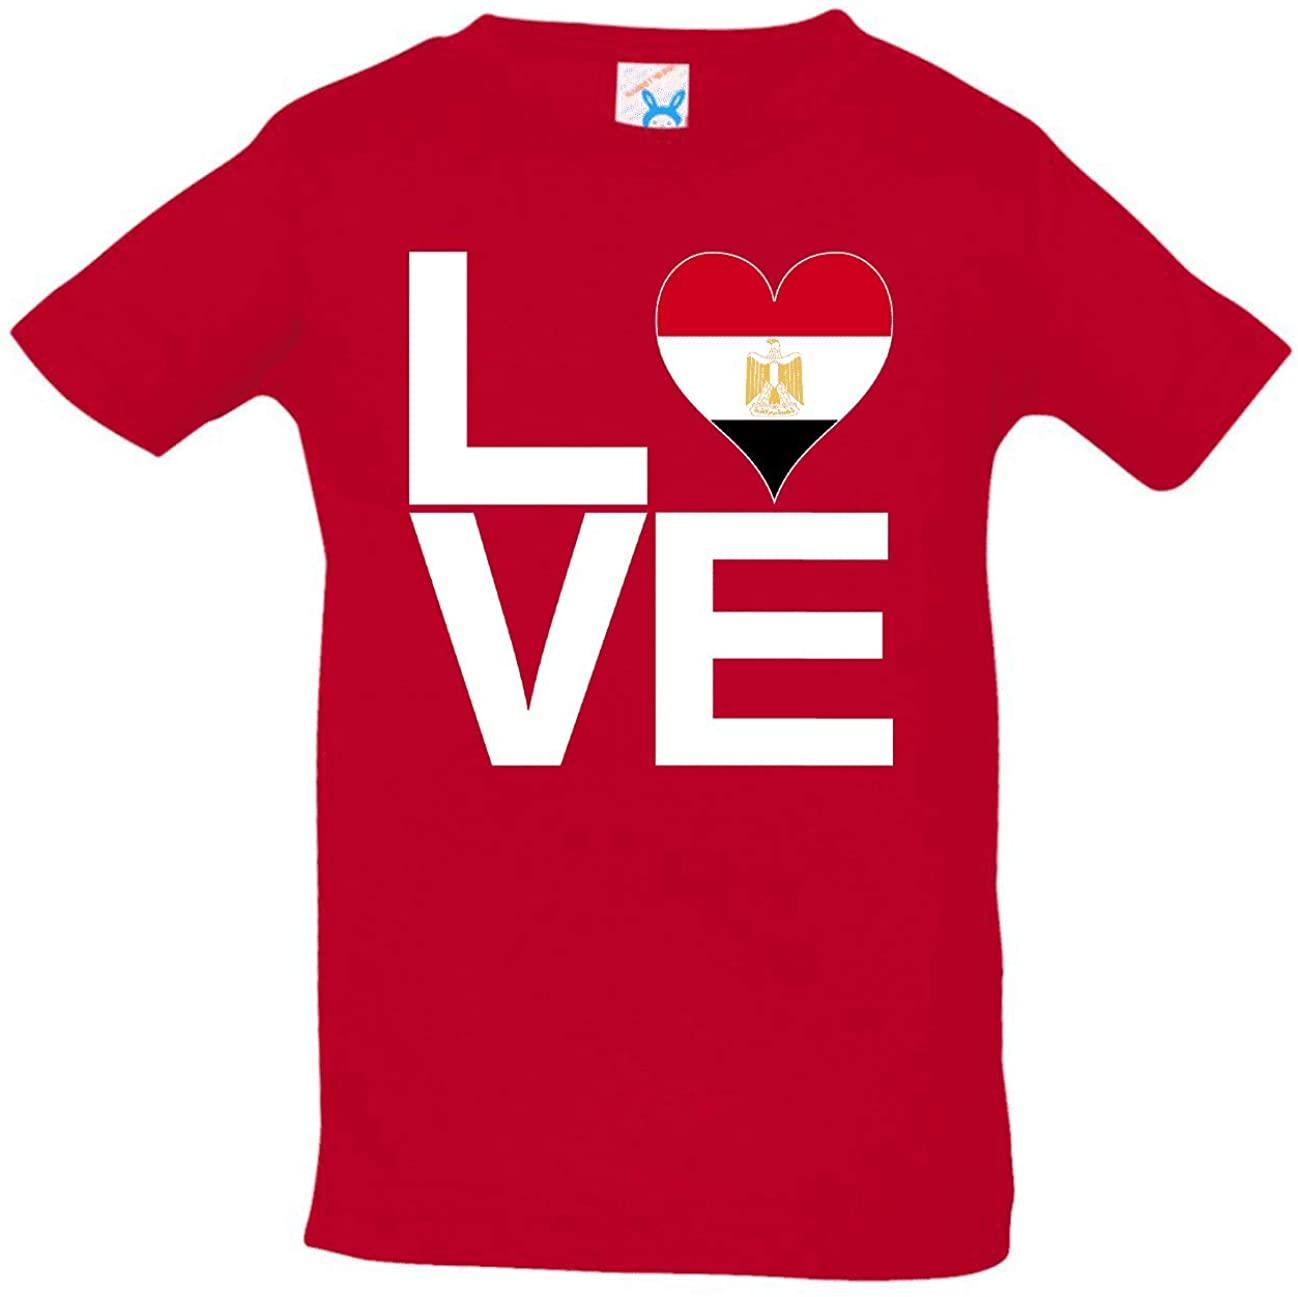 HARD EDGE DESIGN Infant's Love Block Egypt Heart Shirt, 18 Months, Red